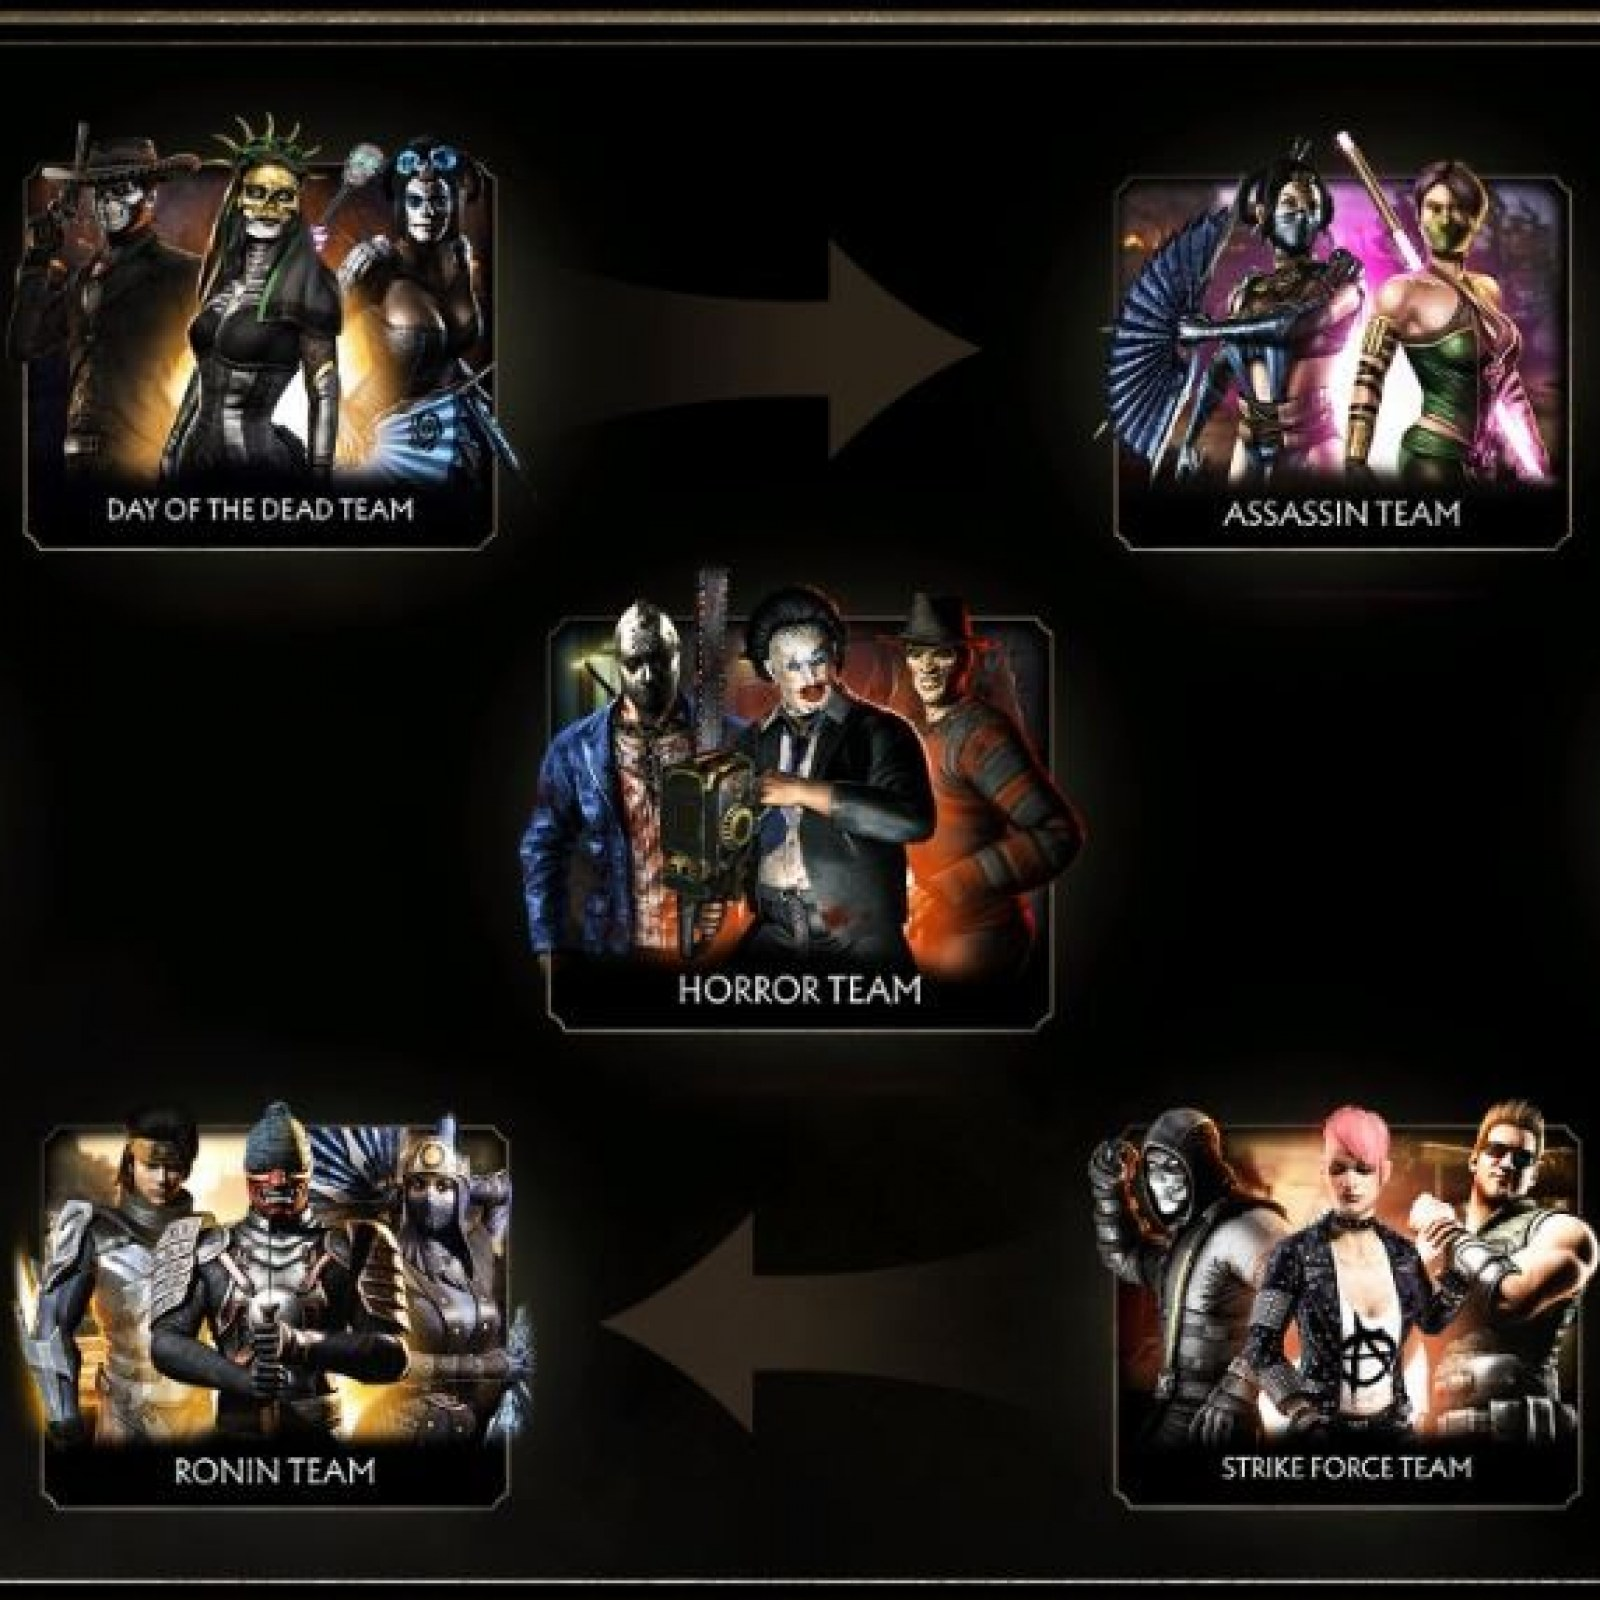 Mortal Kombat Mobile' 2 0 Update Coming Next Week, Will Rework Old